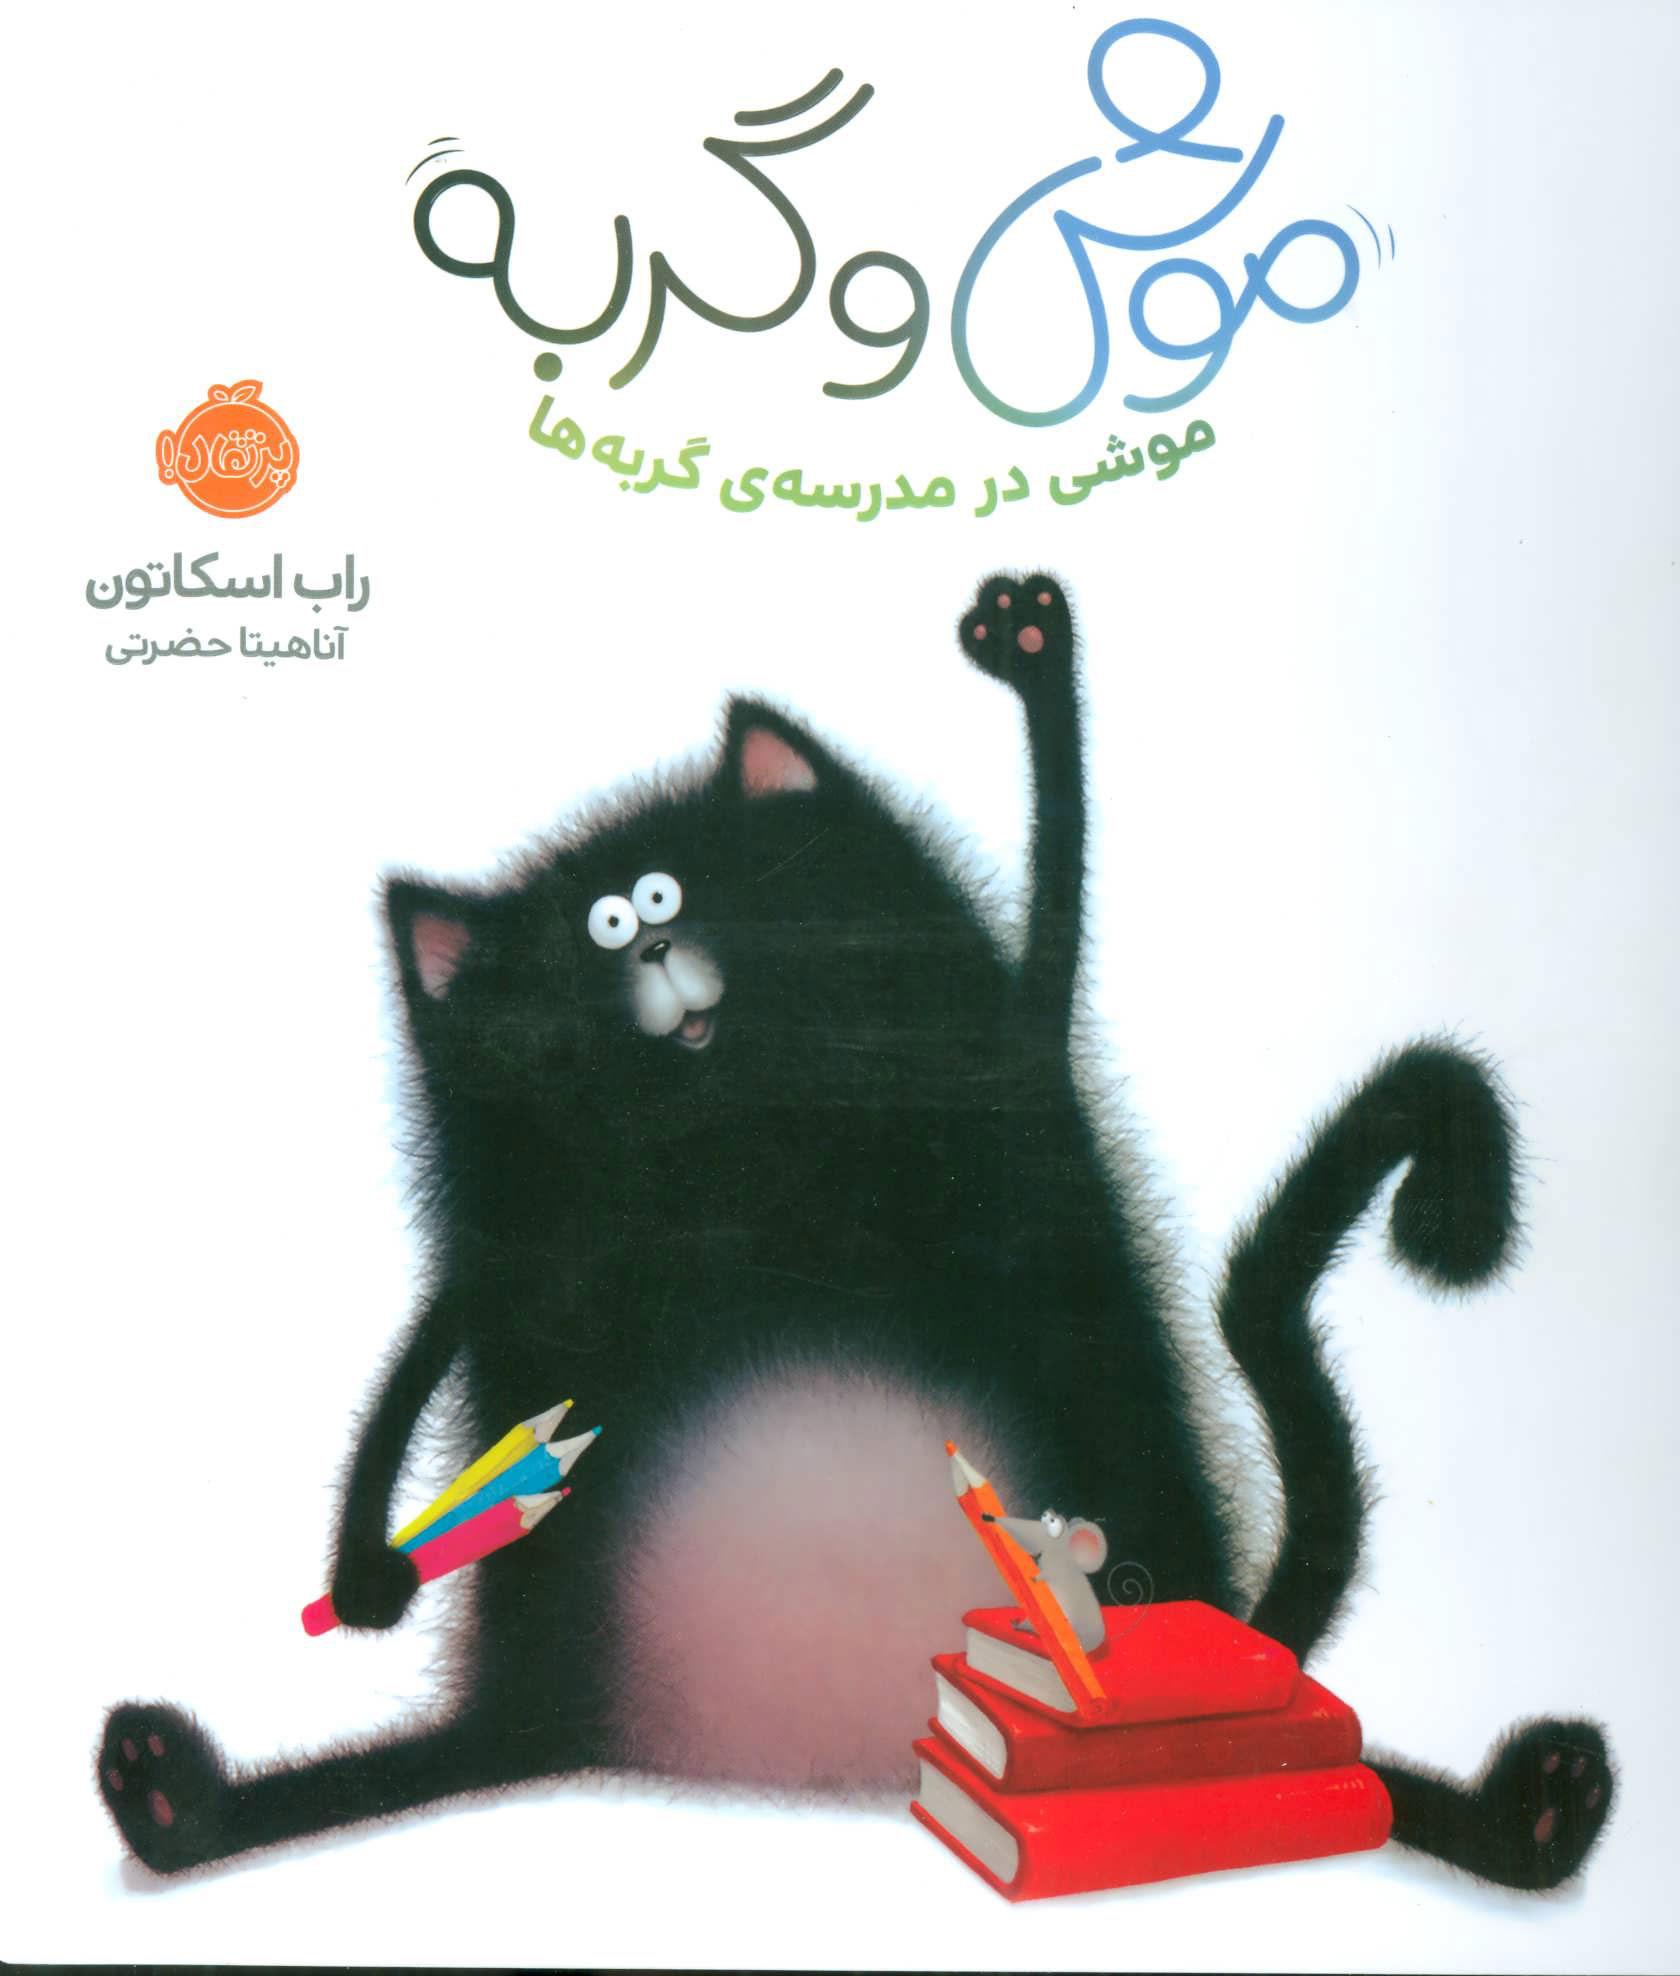 رمان موش و گربه